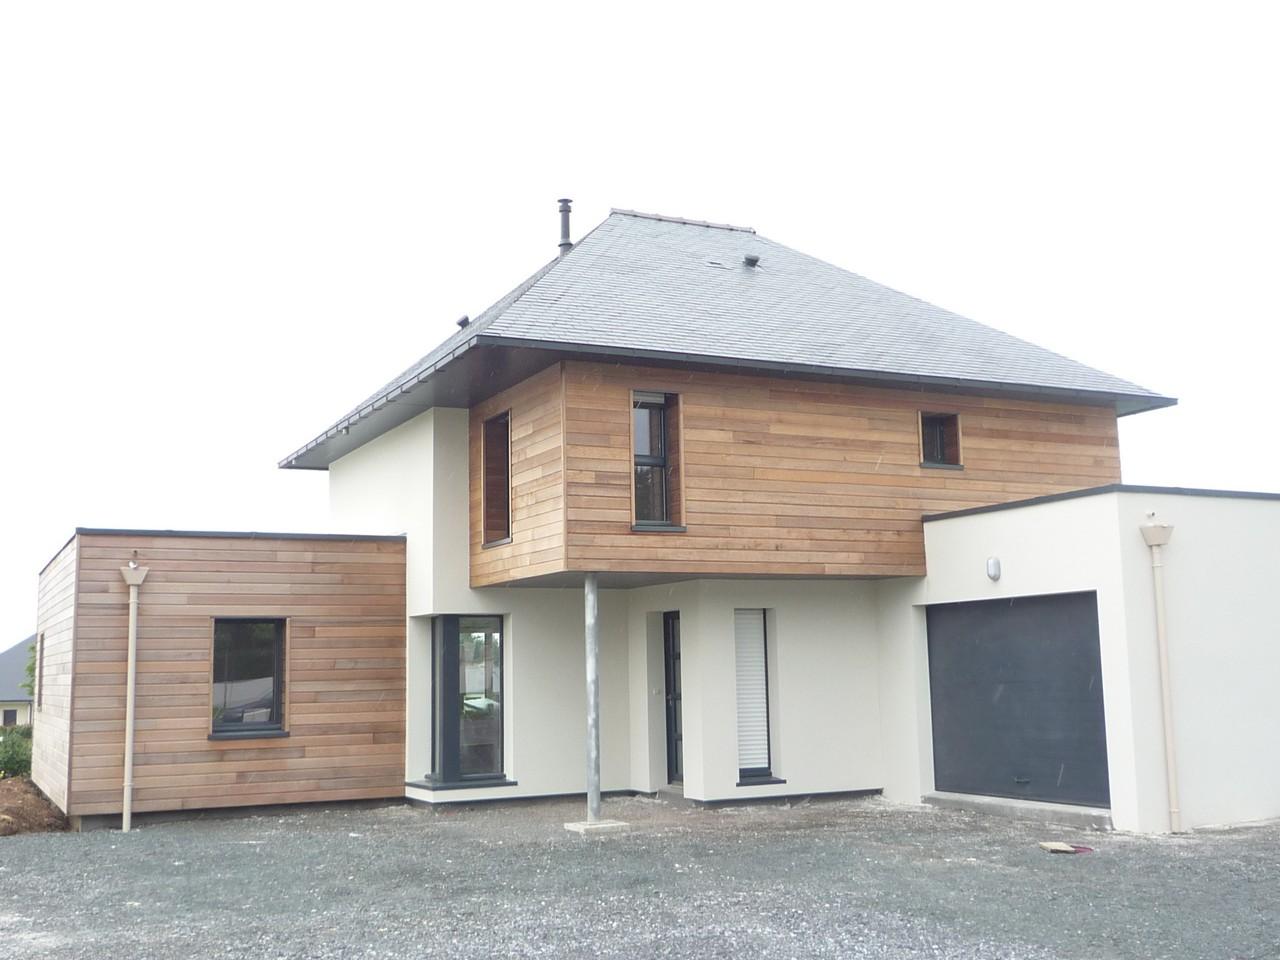 maison en bois massif maison en bois massiftania urvois studio terrasse bois sur ossature. Black Bedroom Furniture Sets. Home Design Ideas